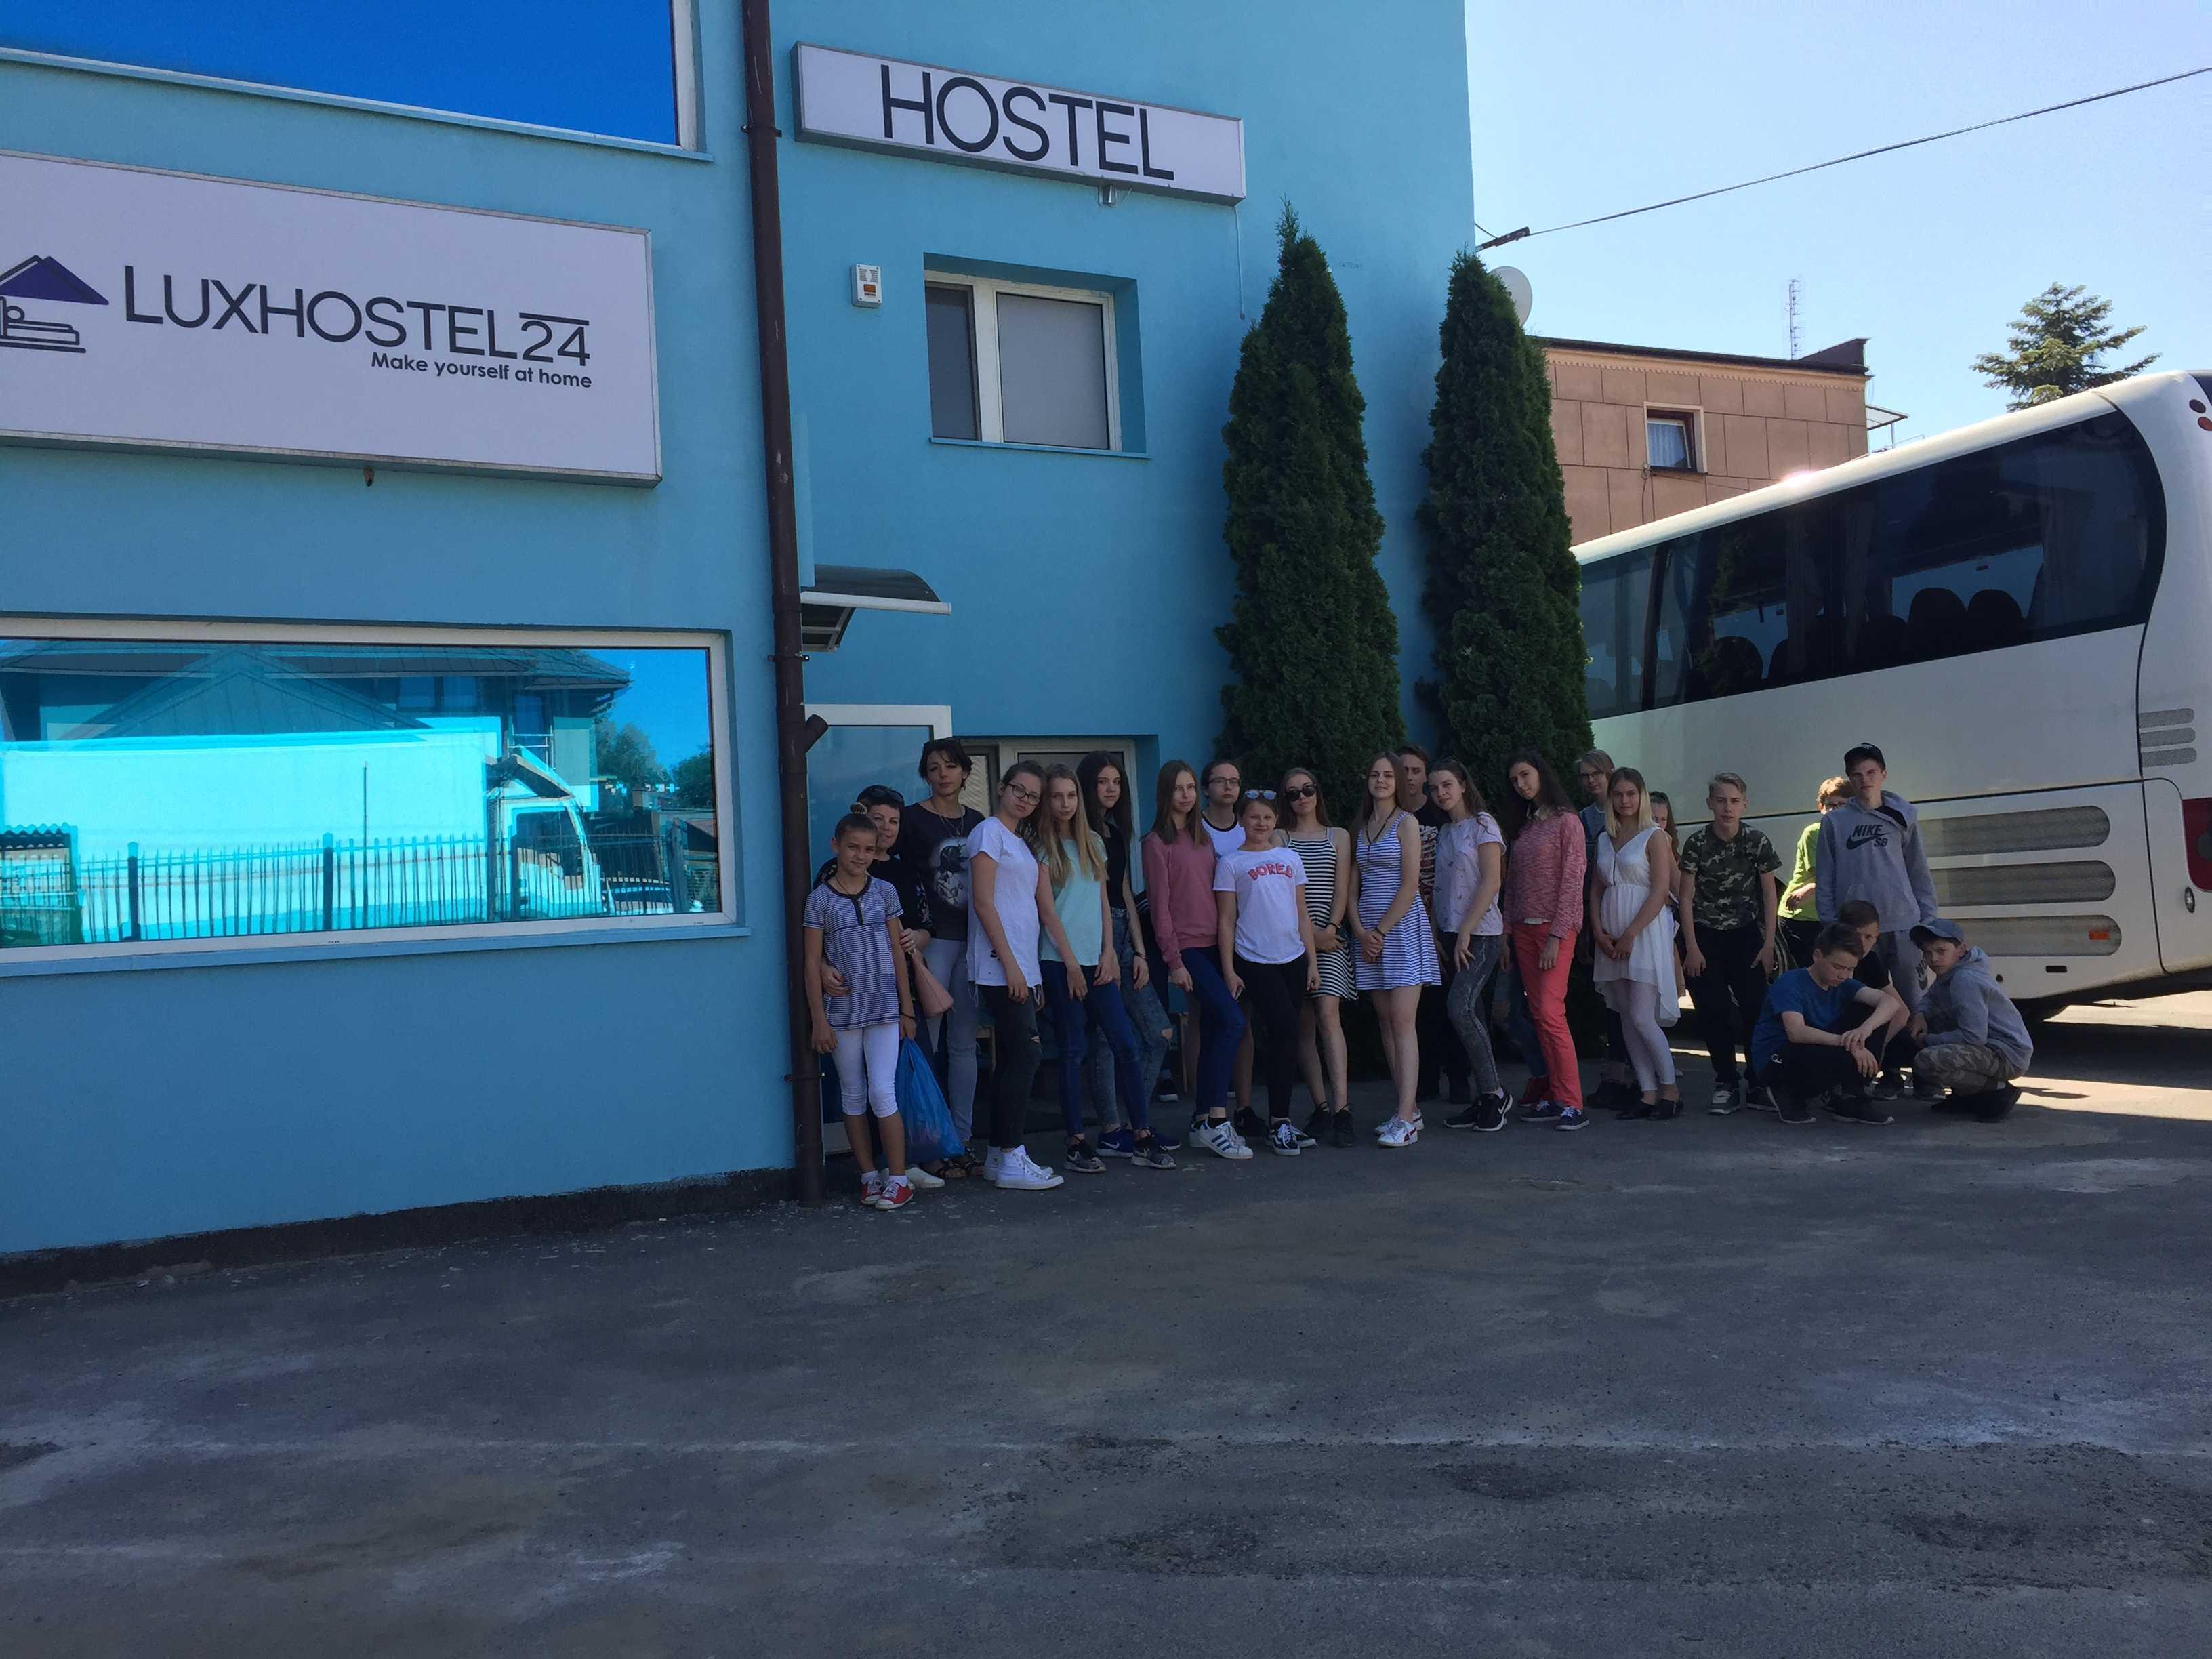 wycieczki-szkolne-warszawa-zielona-szkoła-hostel